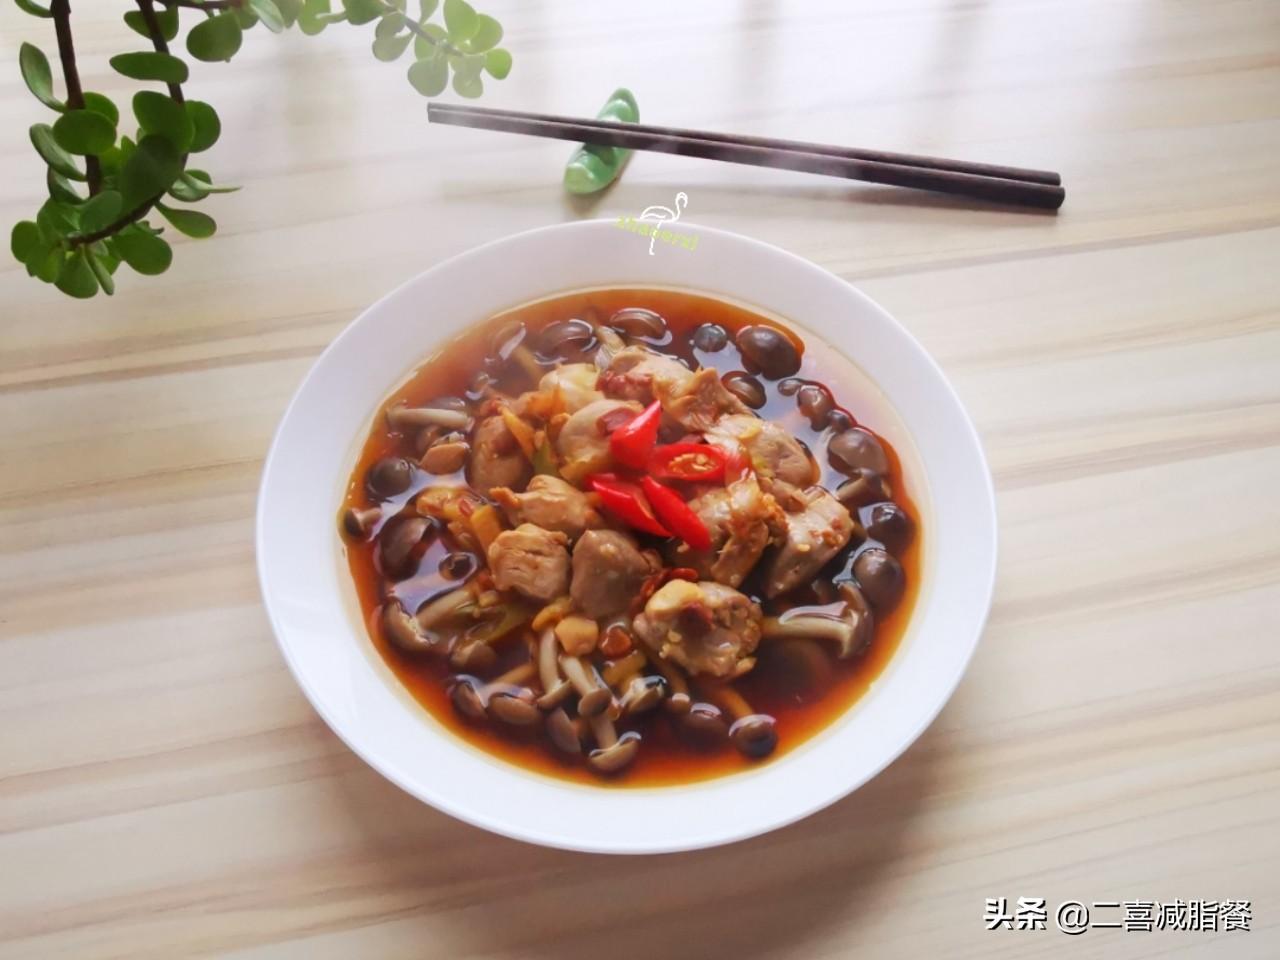 减脂的蟹味菇蒸鸡,多糖和高蛋白的完美结合 减肥菜谱做法 第1张